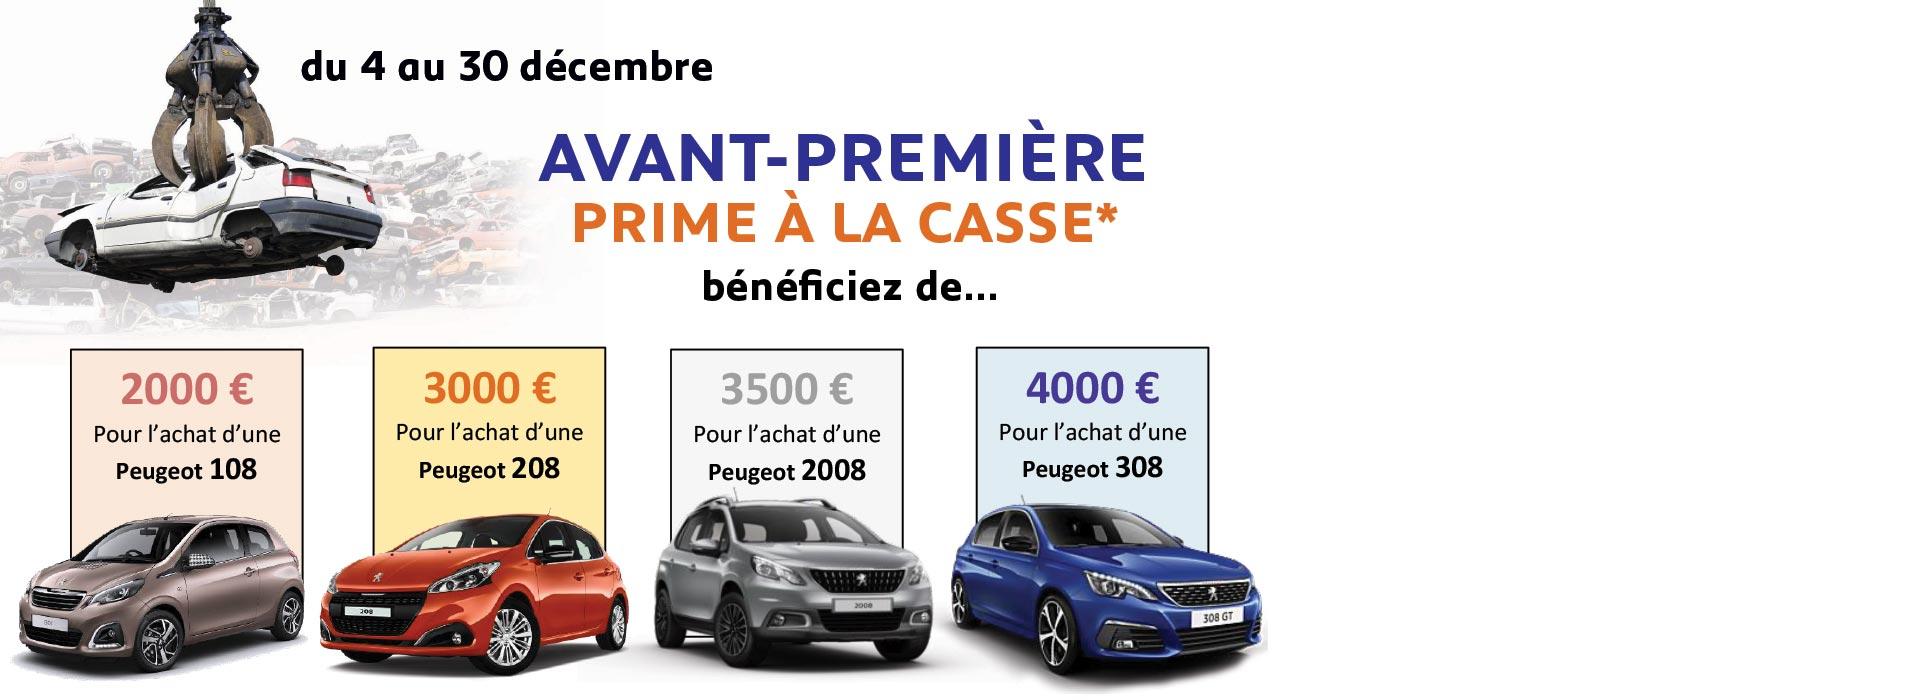 Peugeot morlaix concessionnaire garage finist re 29 for Garage peugeot meudon la foret